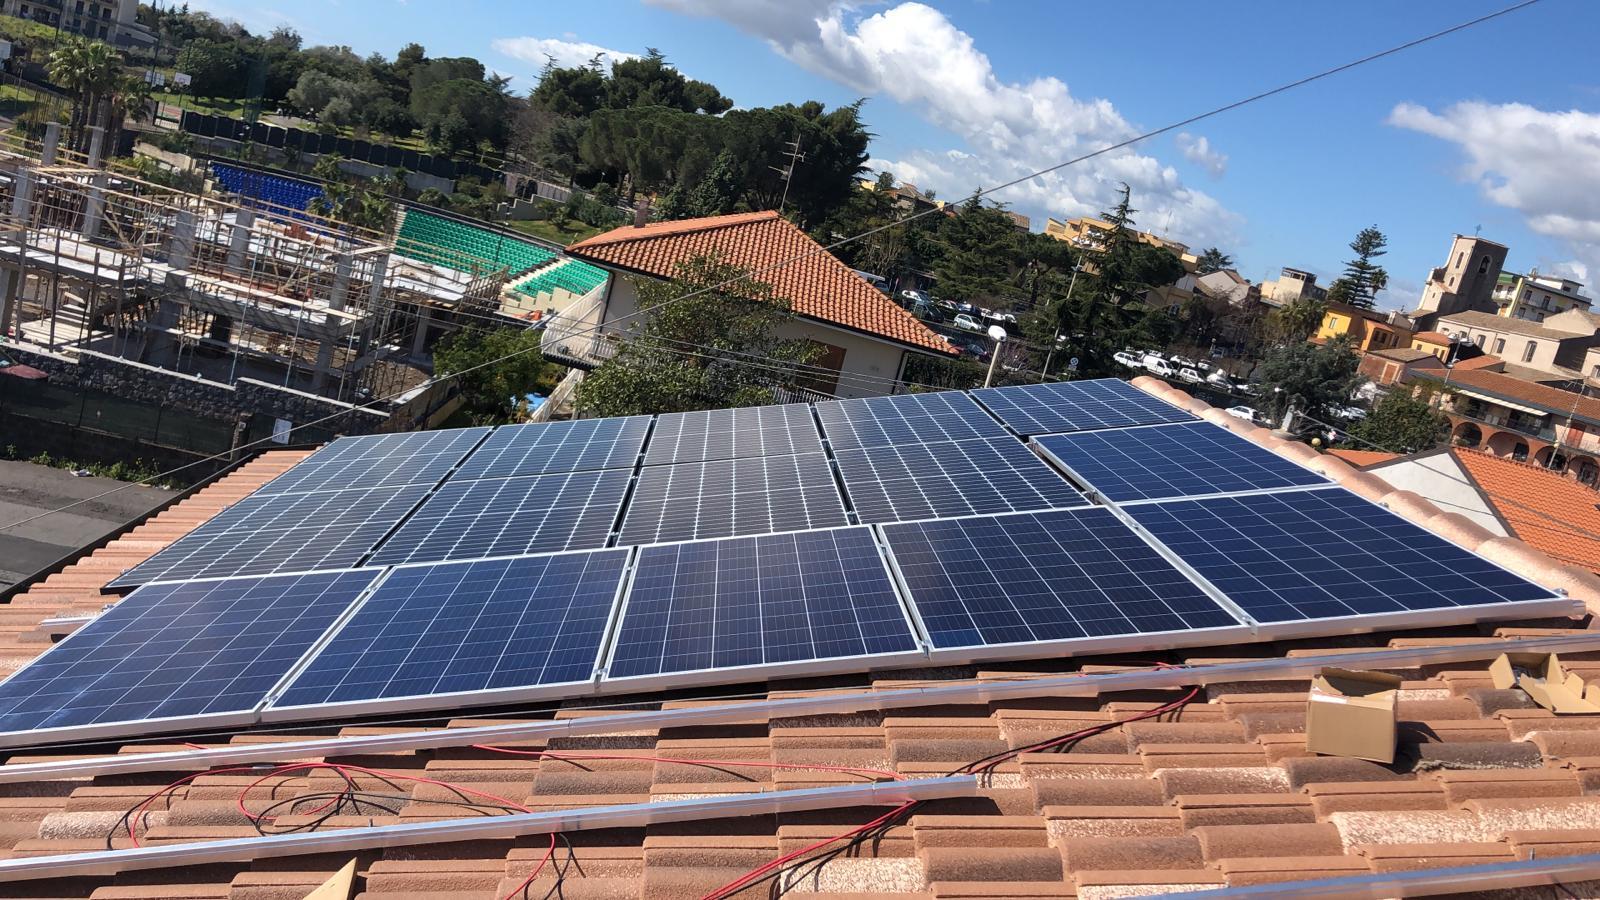 fotovoltaico e tegolato